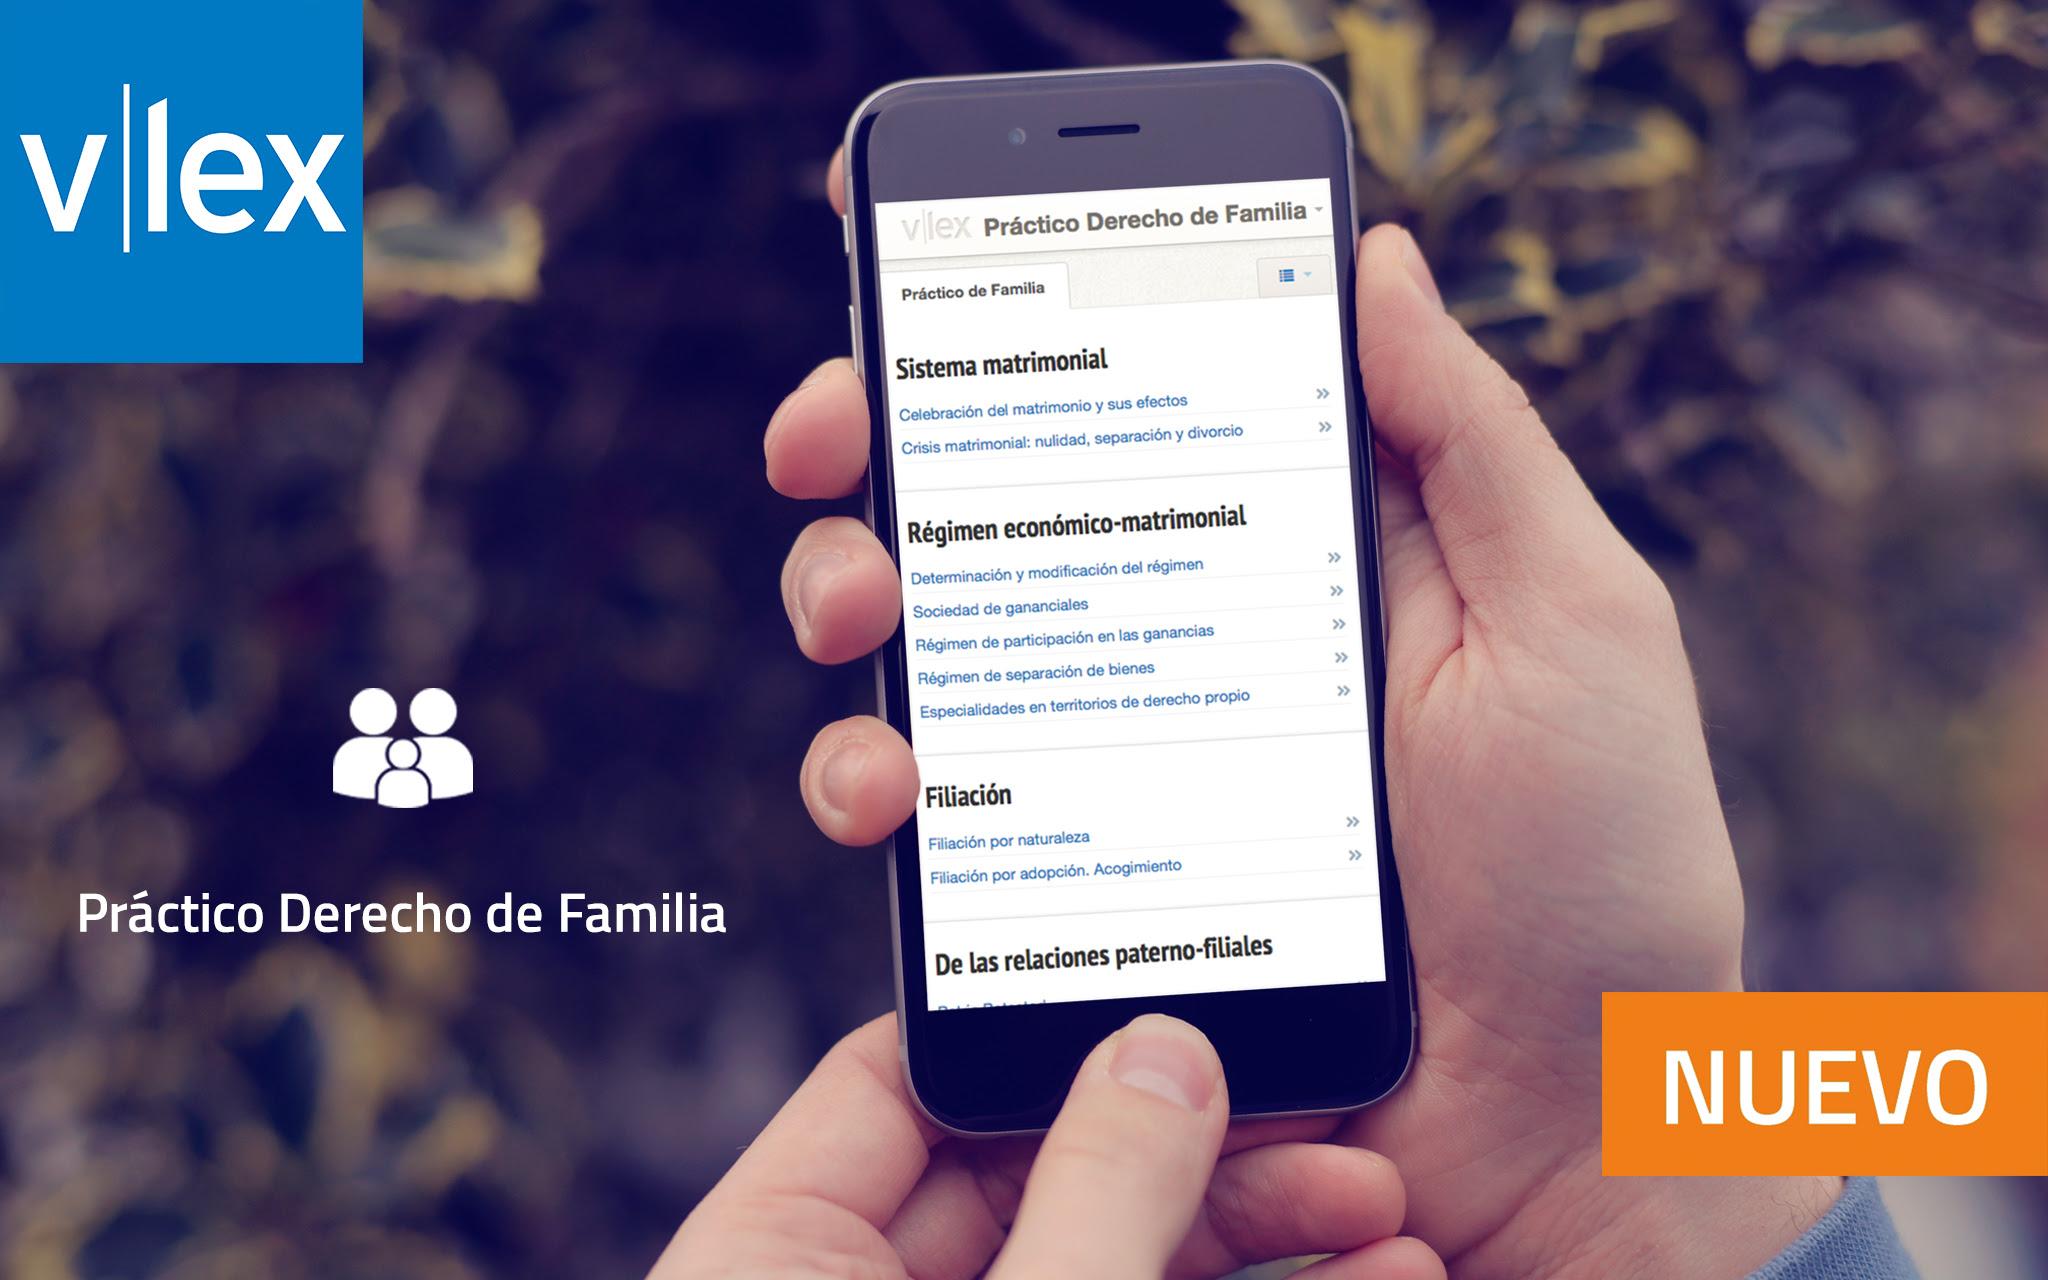 http://promos.vlex.com/pf/